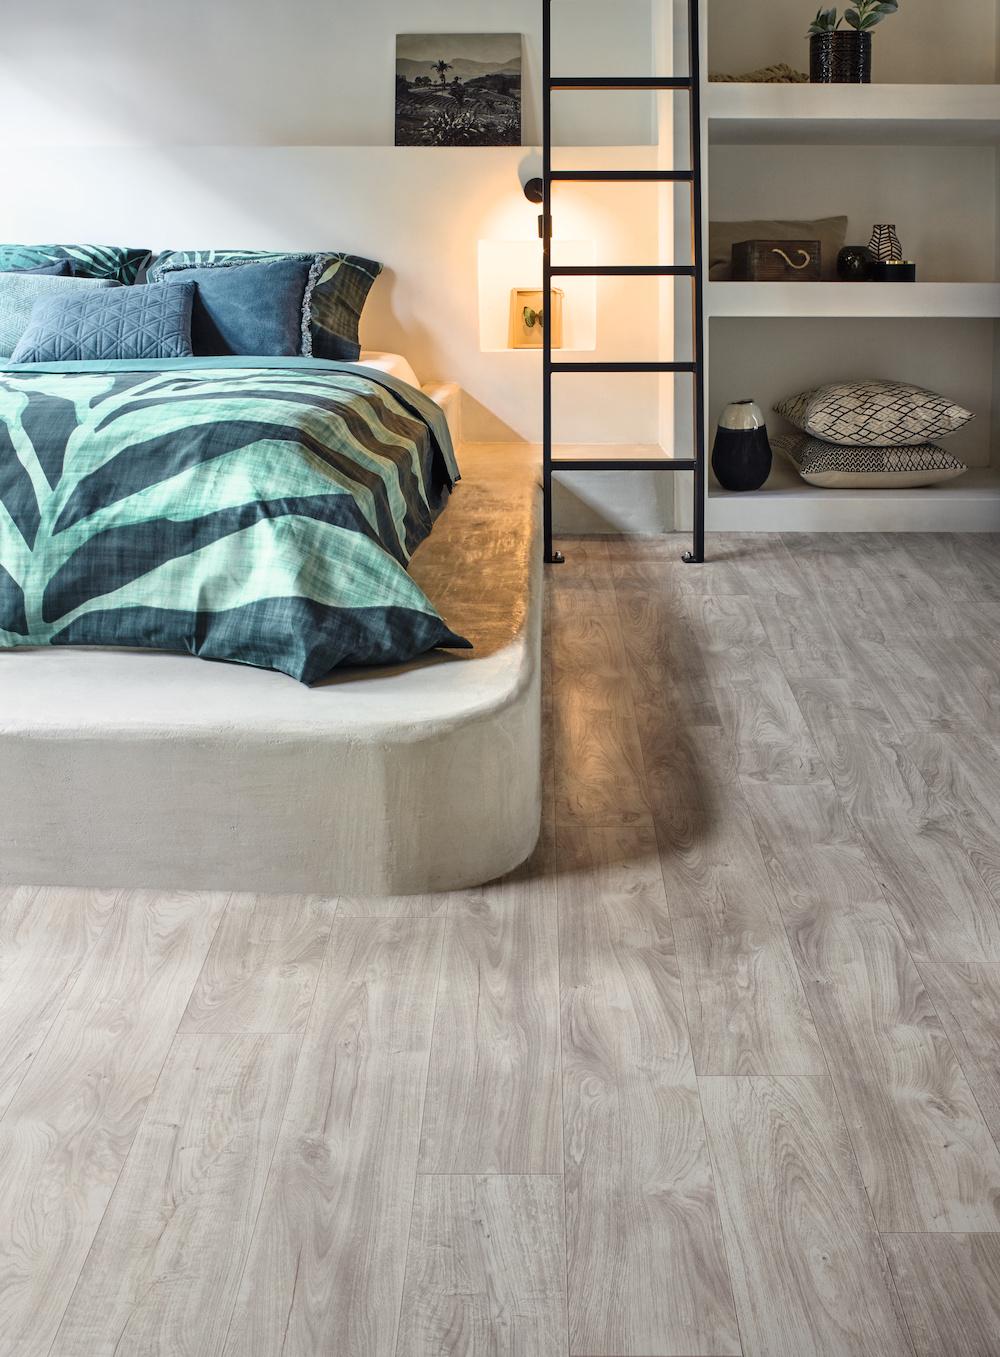 Slaapkamer inspiratie #slaapkamer #vloer #verlichting #accessoires